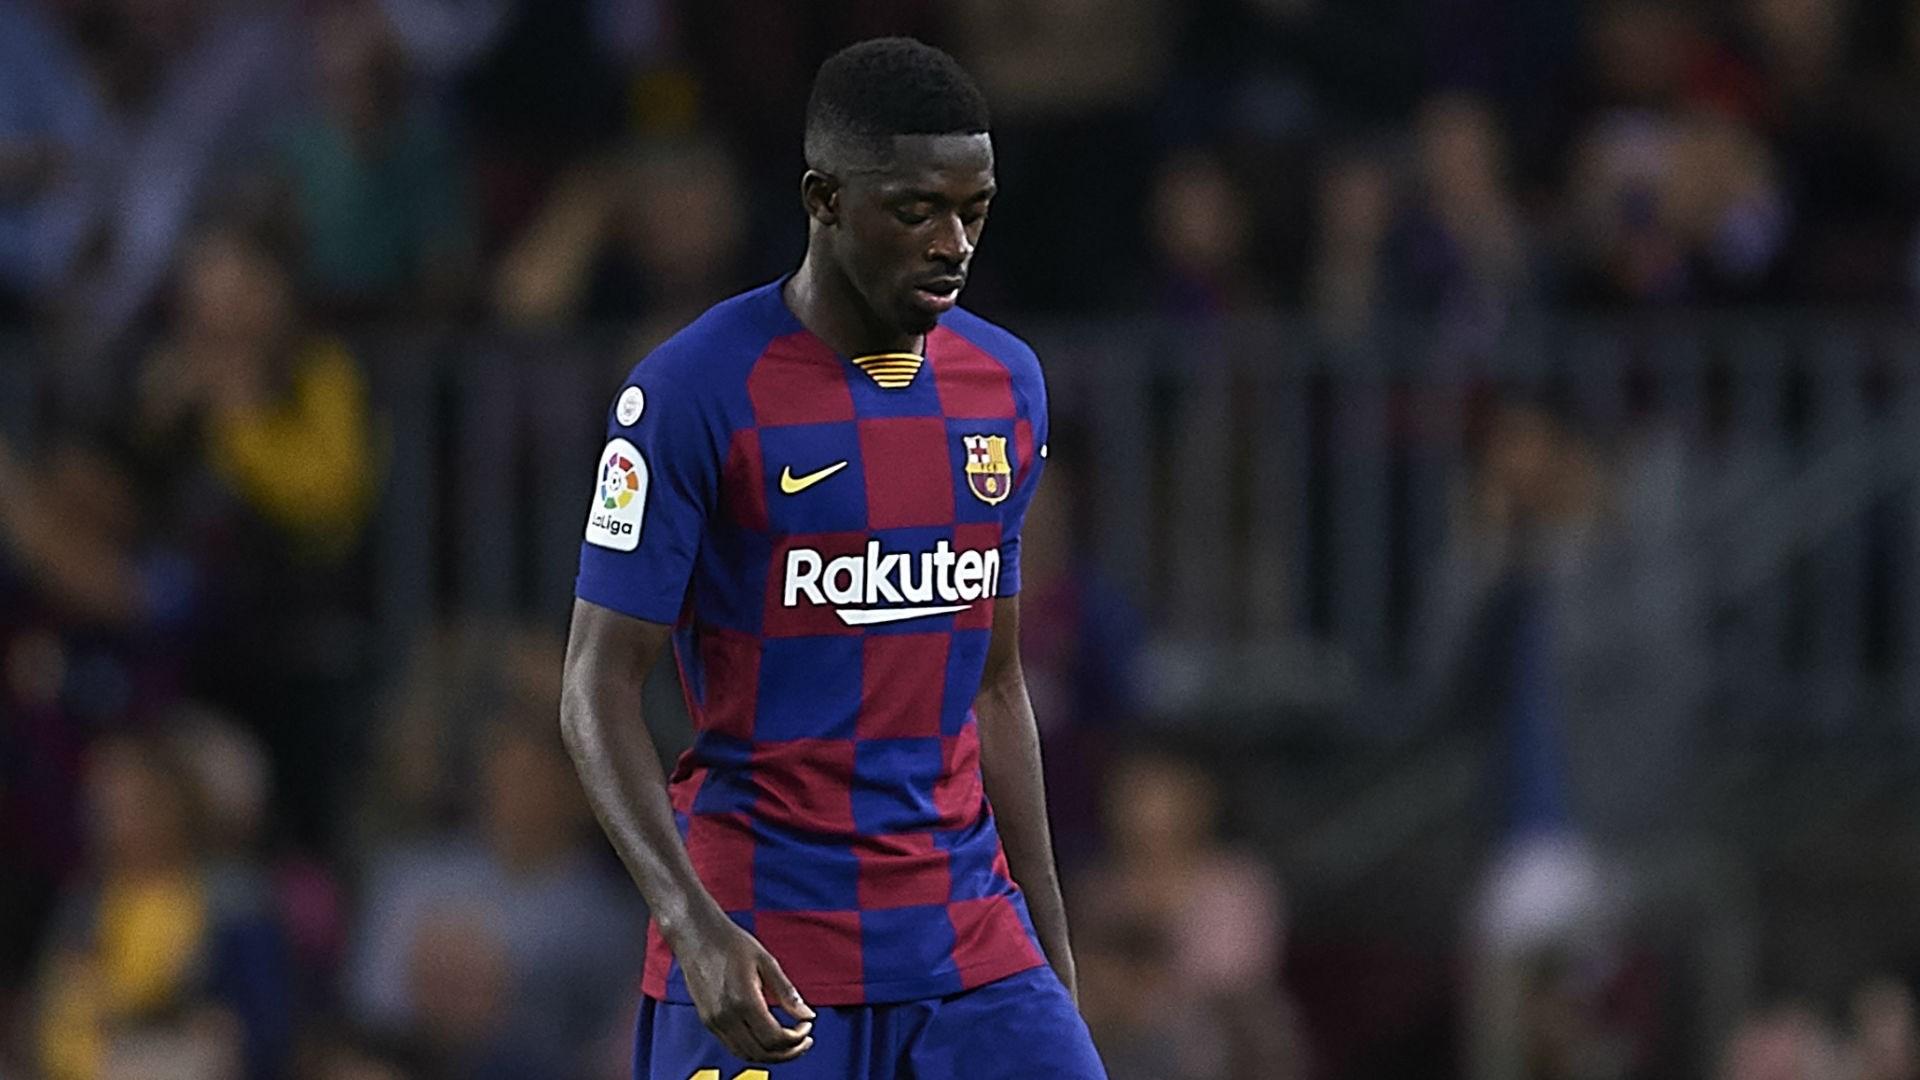 ليكيب: برشلونة يعترف بأخطائه بشأن إصابة ديمبيلي!